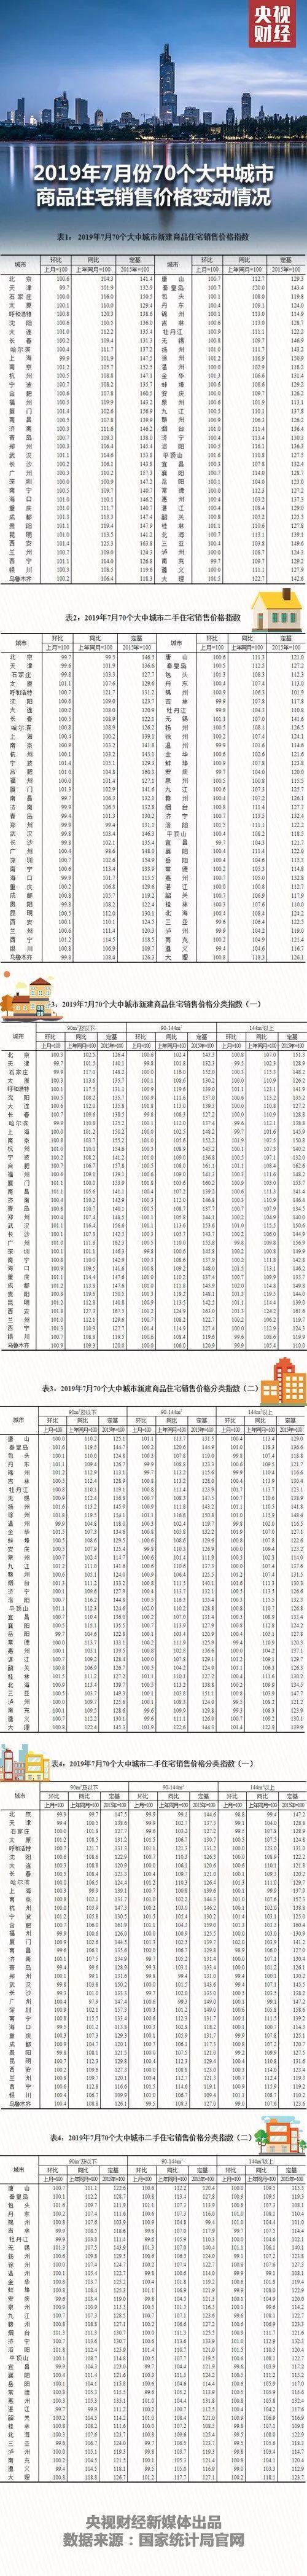 70城最新房价,有重要变化!